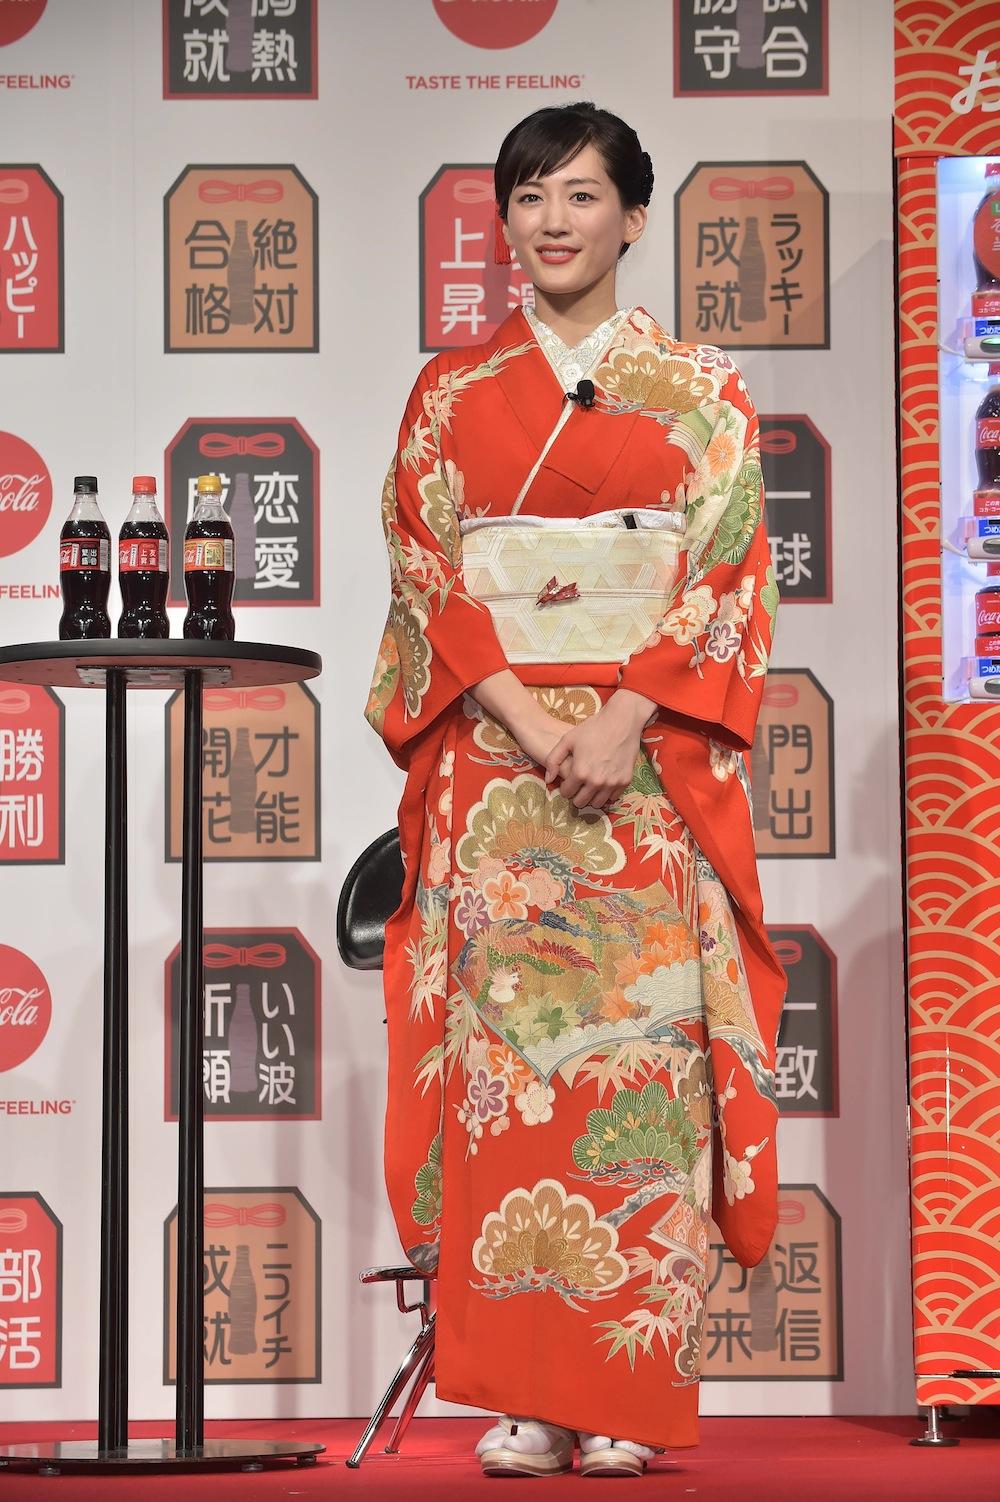 華やかな振袖姿の女優・綾瀬はるか/「コカ・コーラ」福ボトルPRイベントに登場(2019年1月16日)